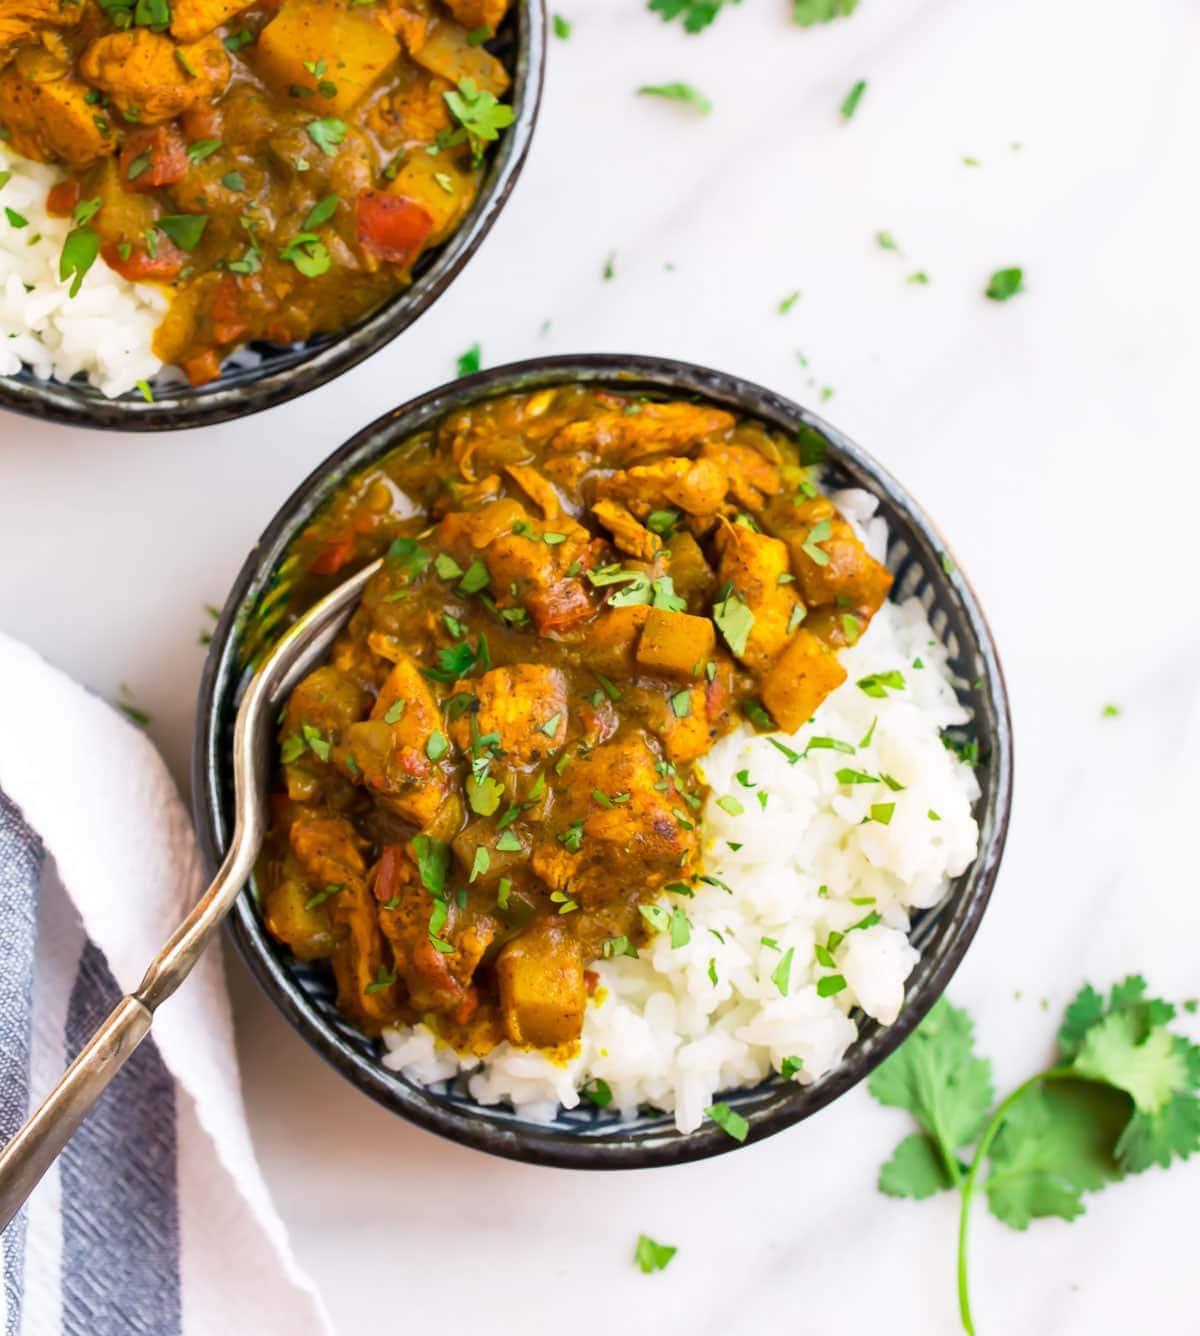 Pollo al curry jamaicano con arroz en un tazón